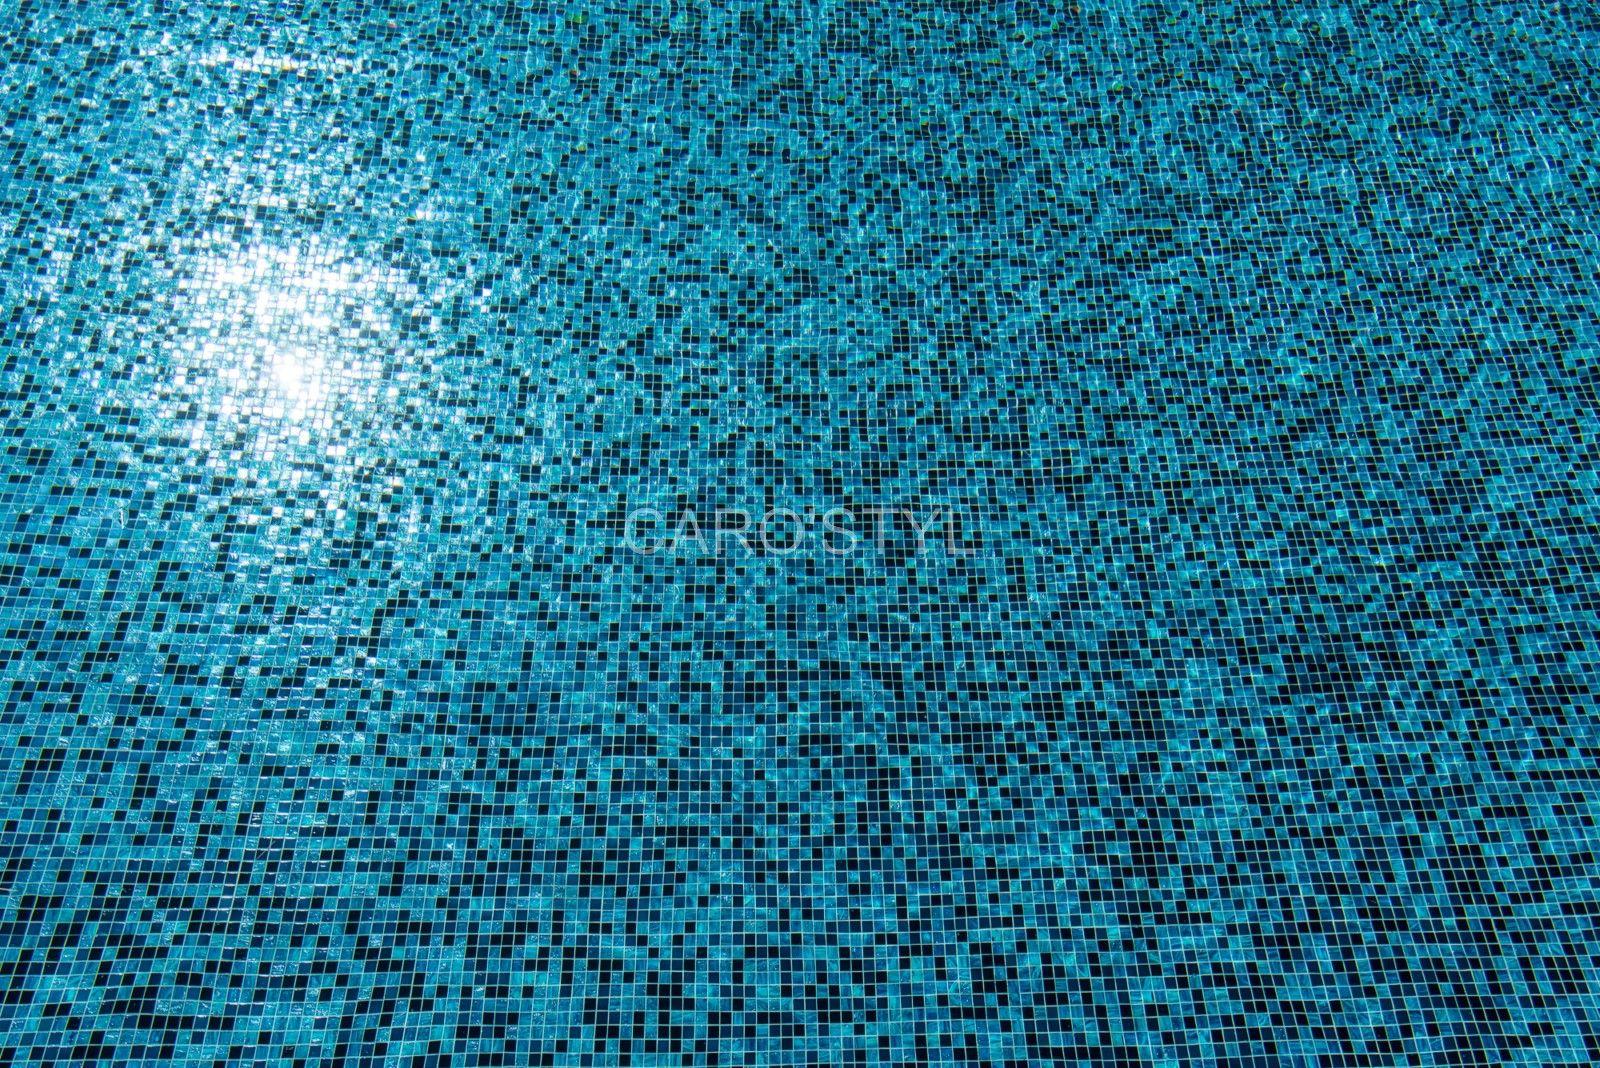 Mosaique Bleue Pour Piscine Cette Mosaique Est En Pate De Verre Et En Plaque De 30x30 Osez Jouer Les Couleurs Et Les Effets Avec La Mo Piscine Verre Mosaique